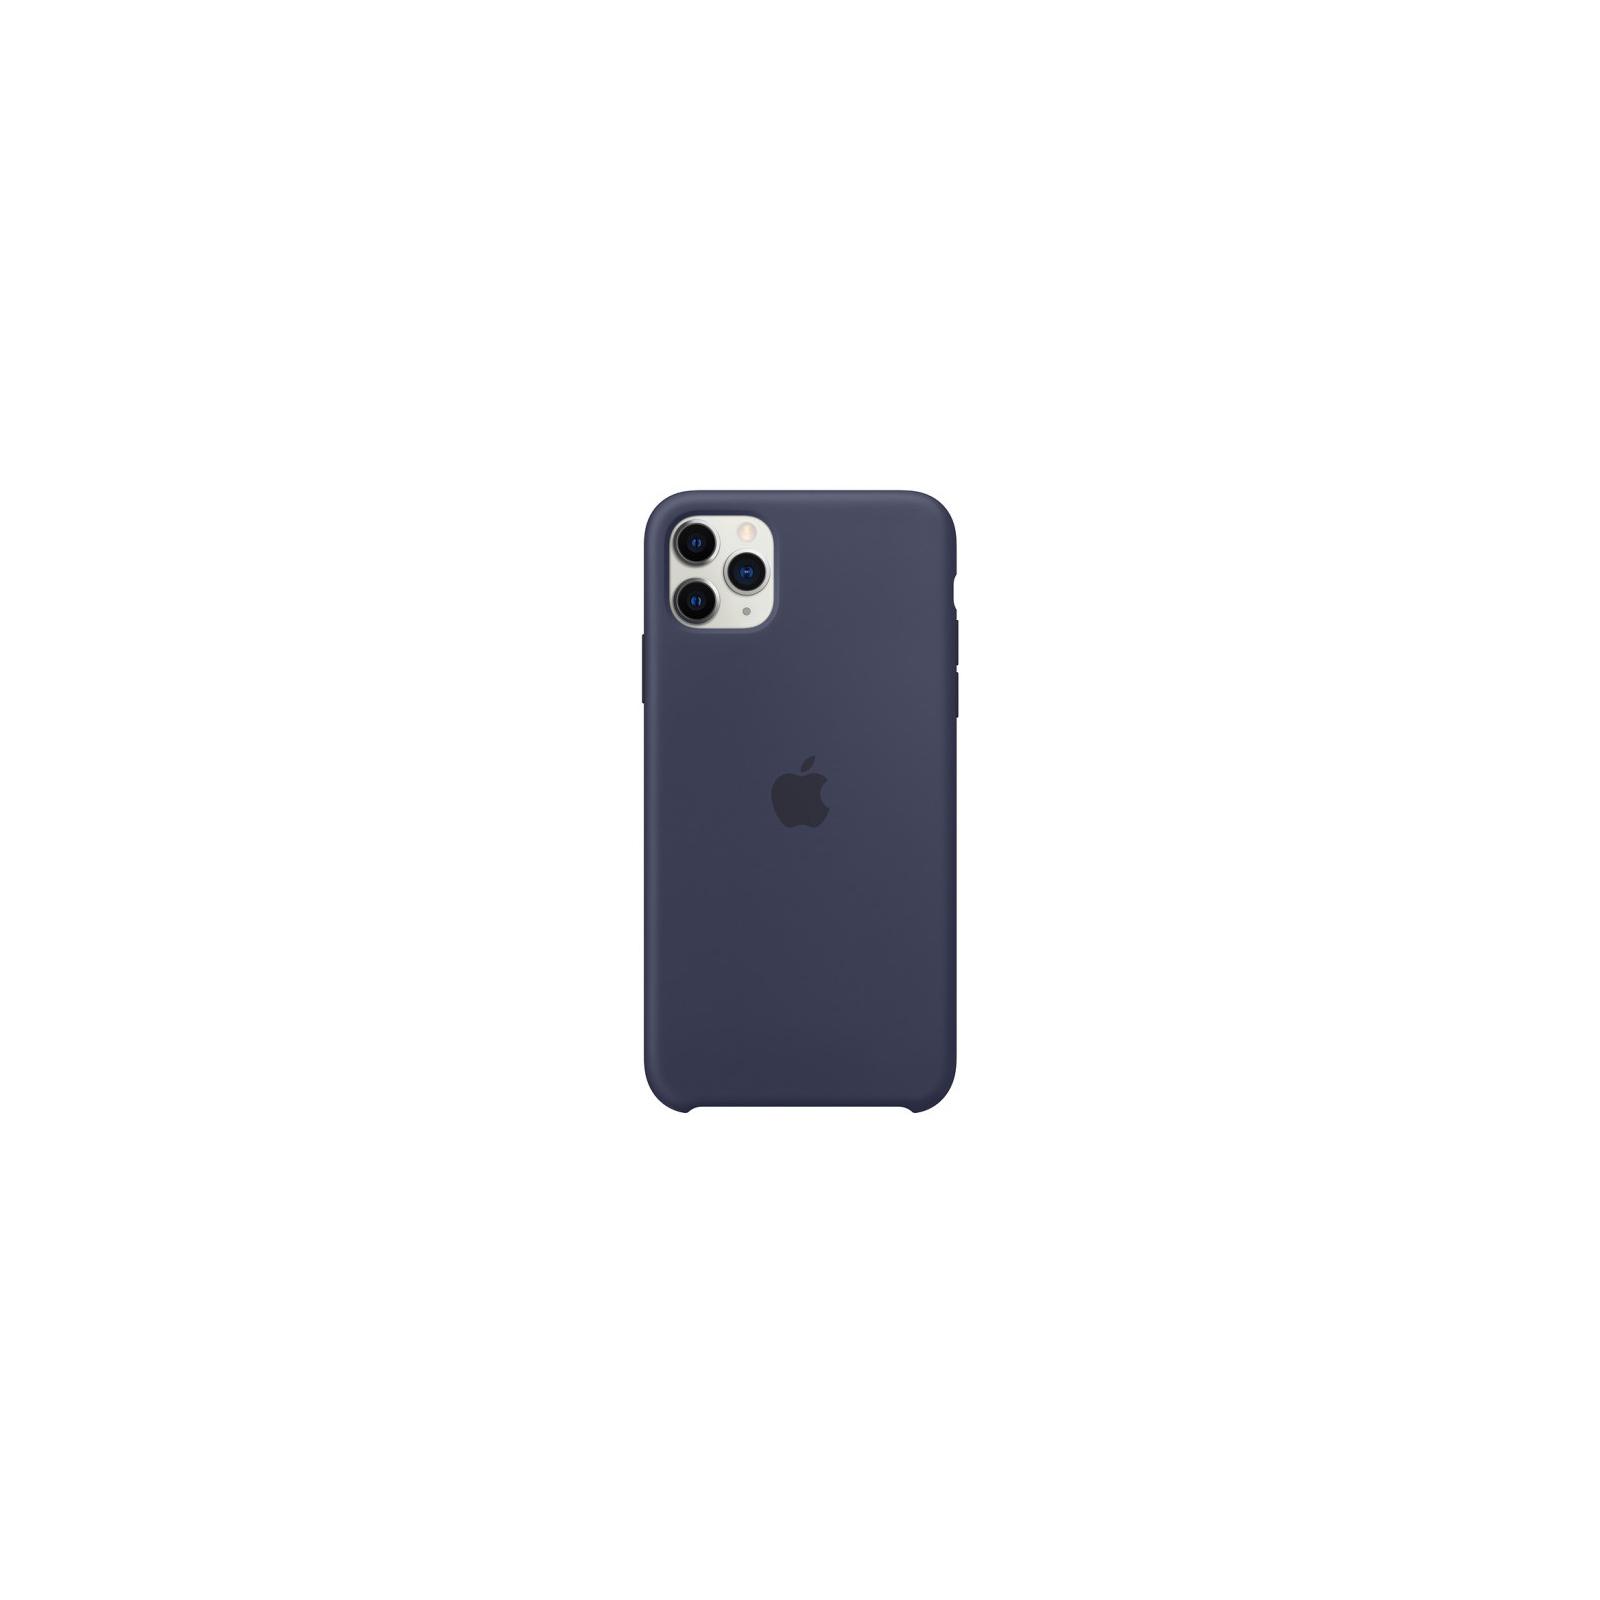 Чехол для моб. телефона Apple iPhone 11 Pro Max Silicone Case - Midnight Blue (MWYW2ZM/A) изображение 2